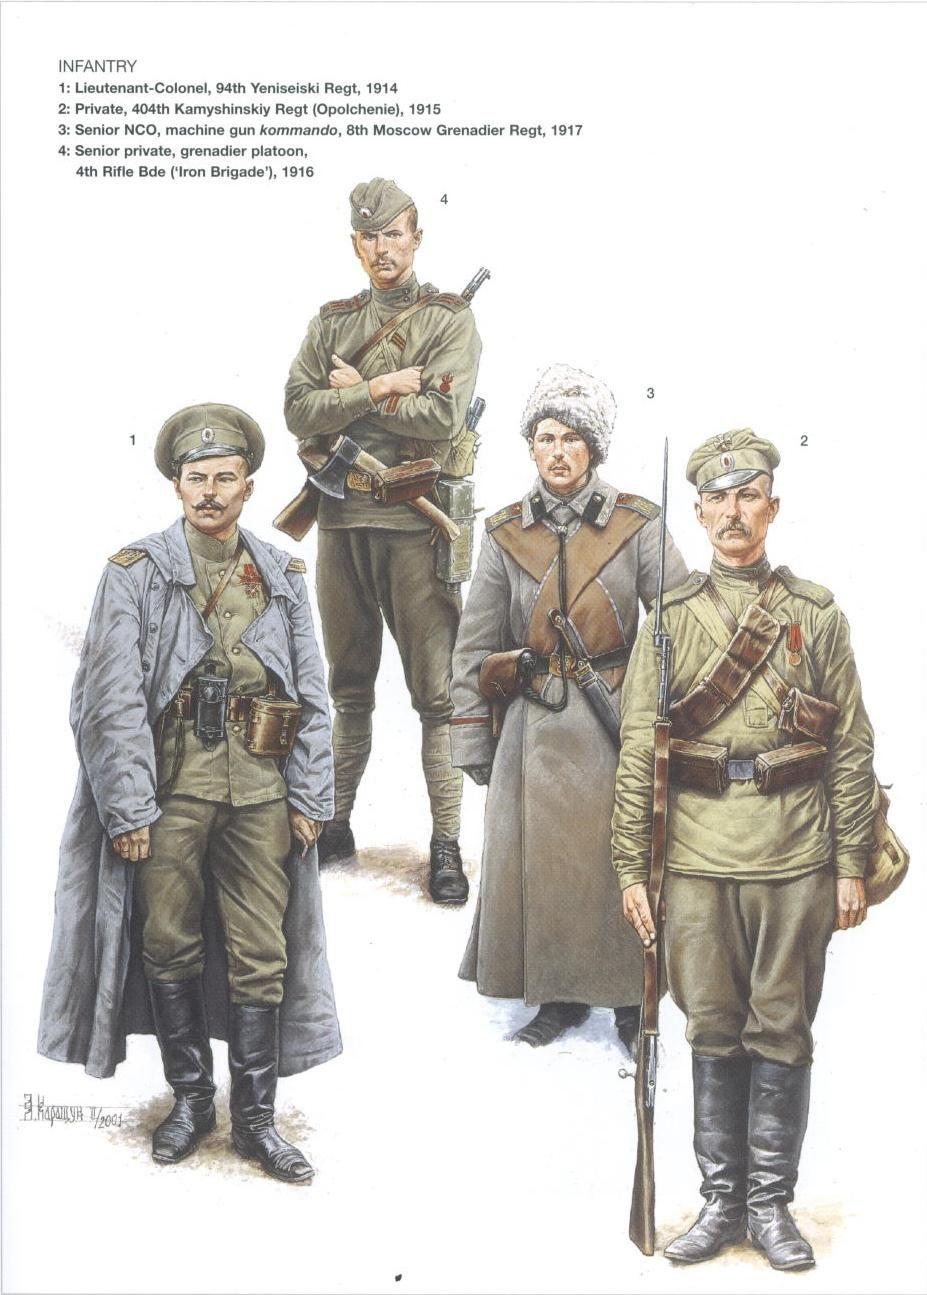 1° Guerra Mundial - historia e curiosidades